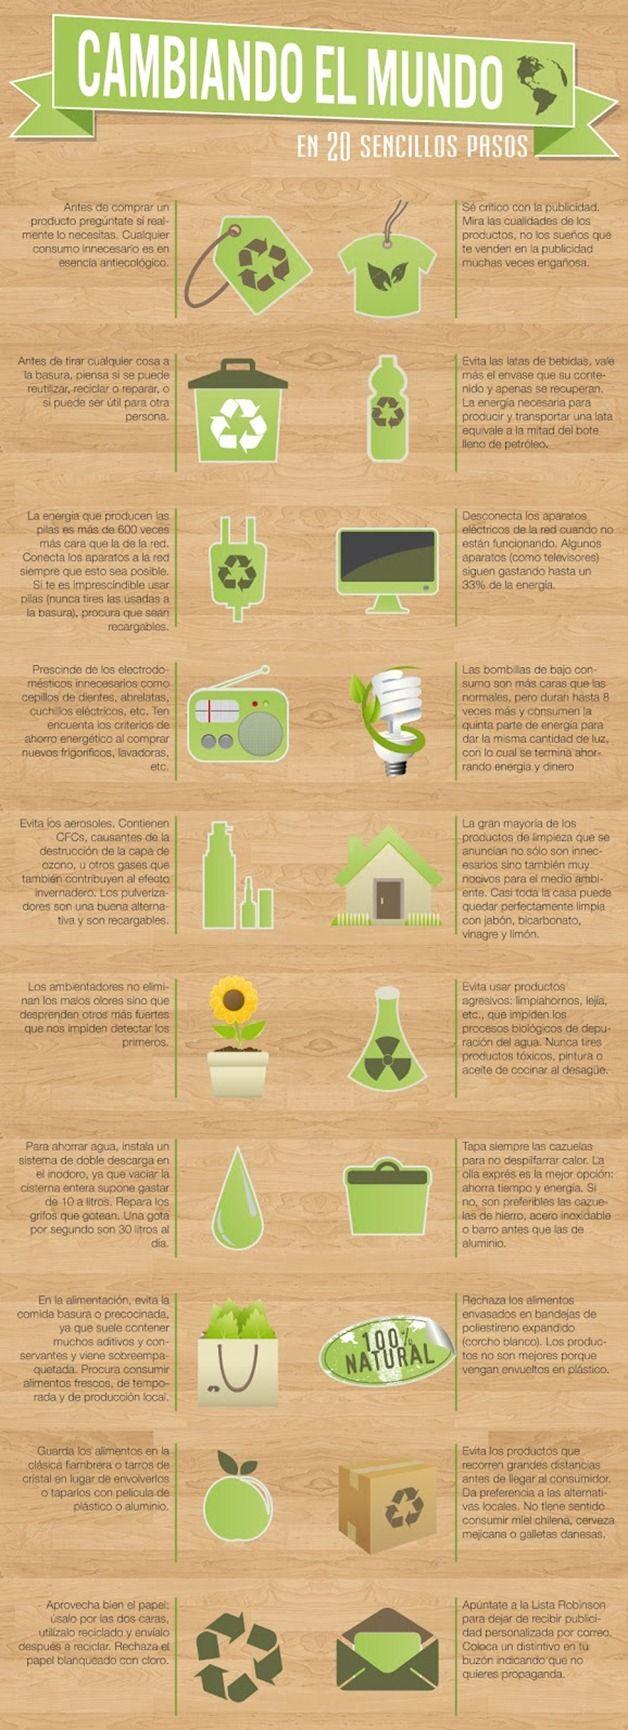 Medio ambiente  Cómo cambiar el mundo en 20 sencillos pasos #infografía En httpwww.concienciaeco.com20121226como-cambiar-el-mundo-en-20-sencillos-pasos-infografia